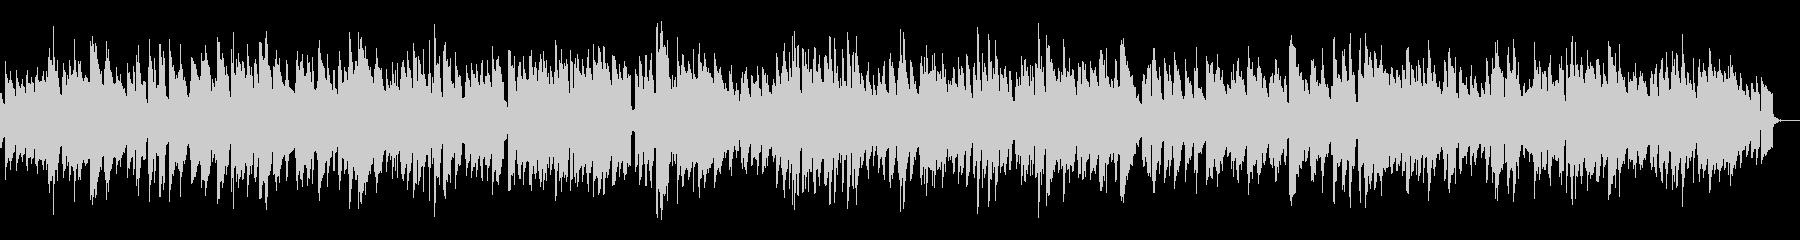 ミドルテンポの明るいジャズの未再生の波形